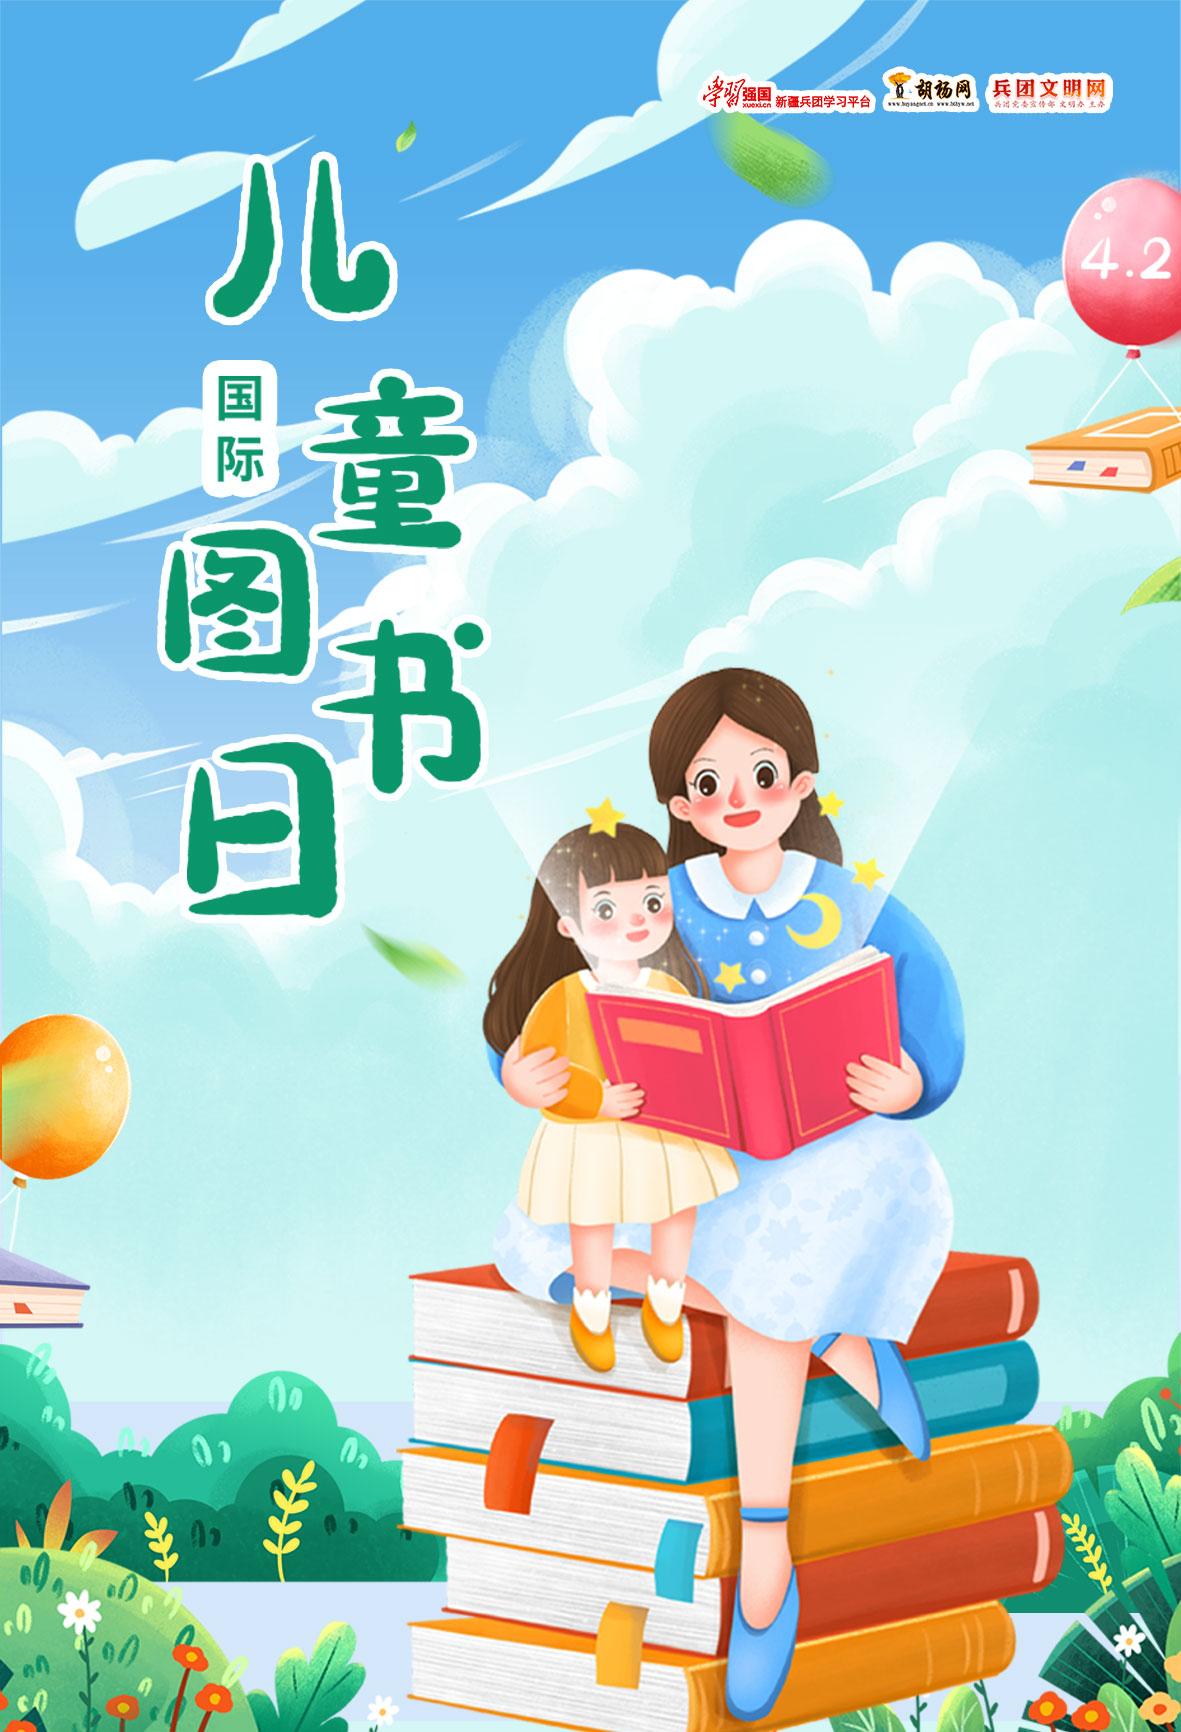 胡杨原创   国际儿童图书日